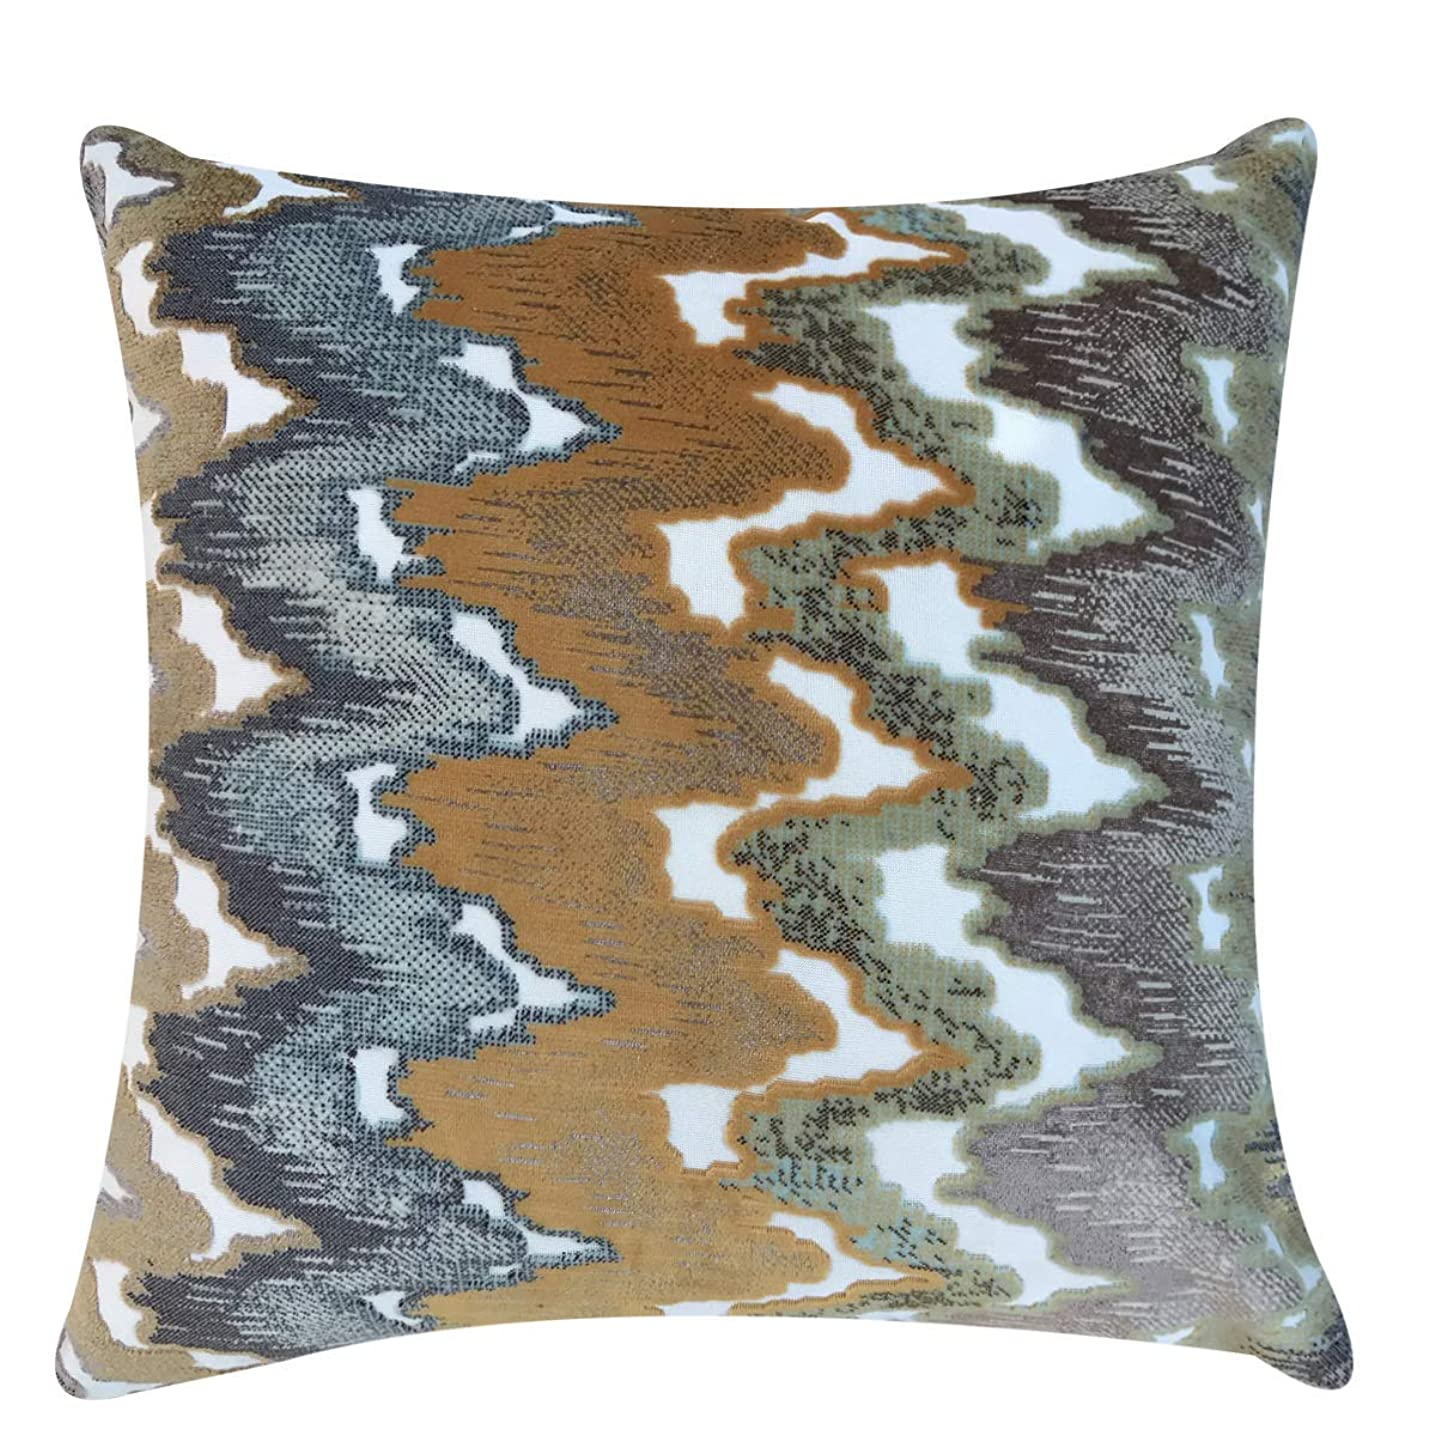 ナイトスポット帝国休眠シルバーフロストカットベルベットソフト装飾枕カバー。 18''x18'' イエロー YSCVyellow